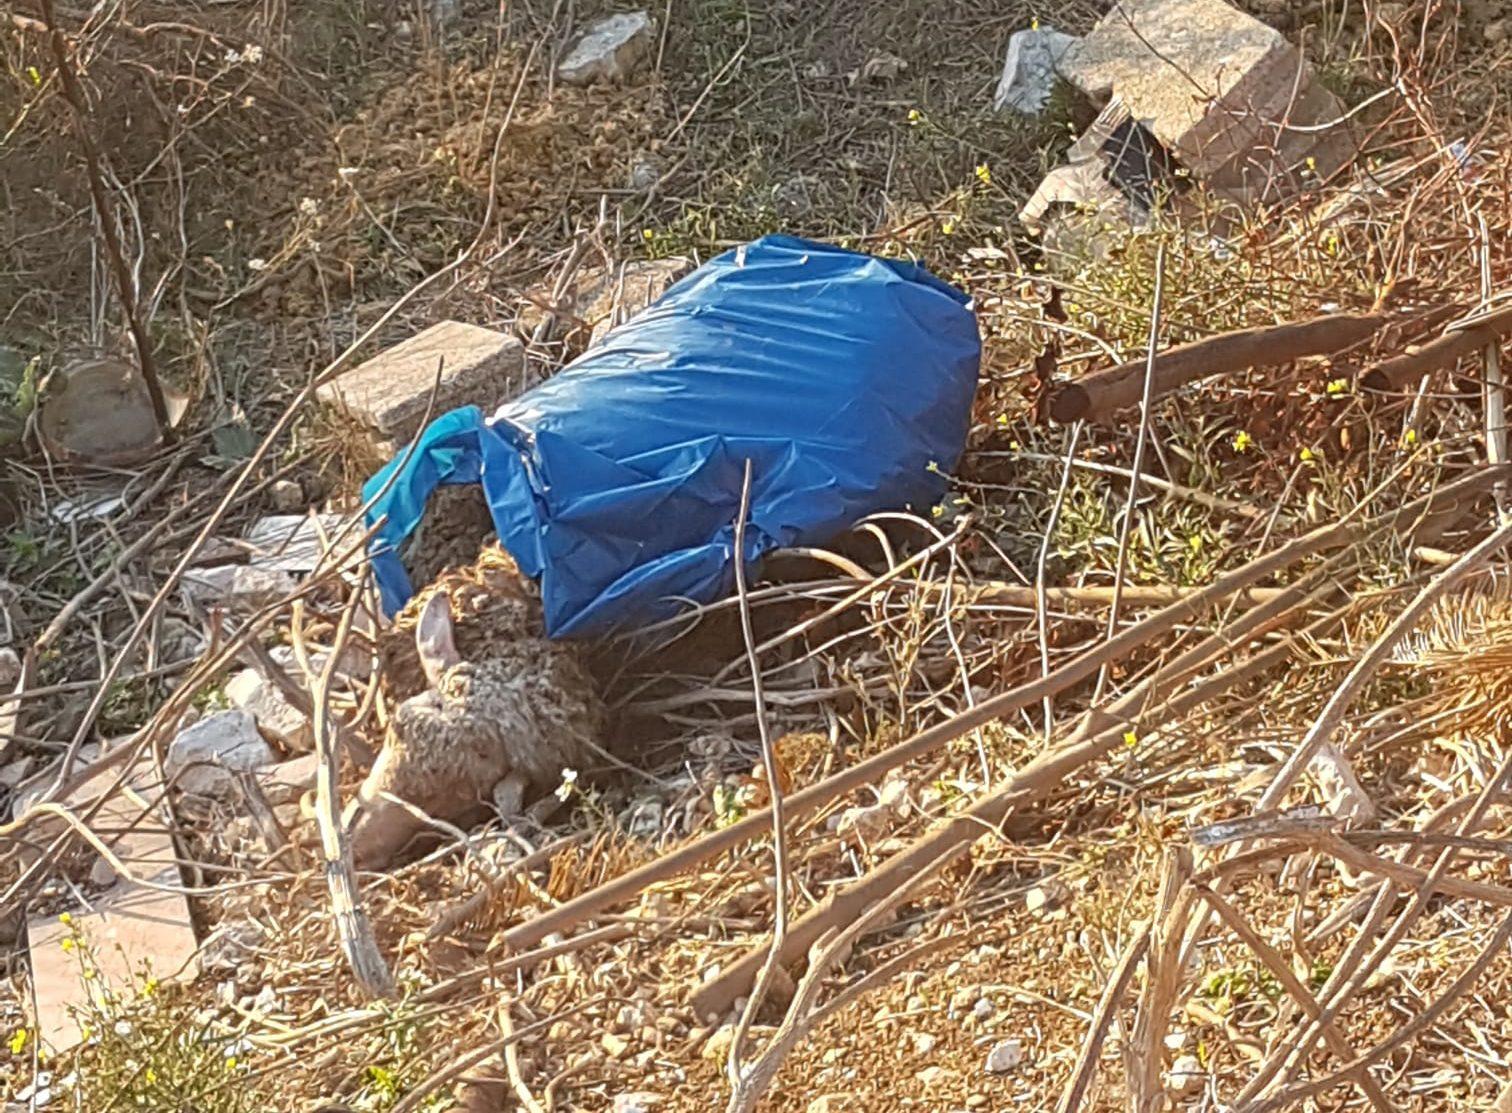 Bari, carogne abbandonate in campagna nei bustoni: a Ceglie il macabro giallo delle pecore - Il Quotidiano Italiano - Bari